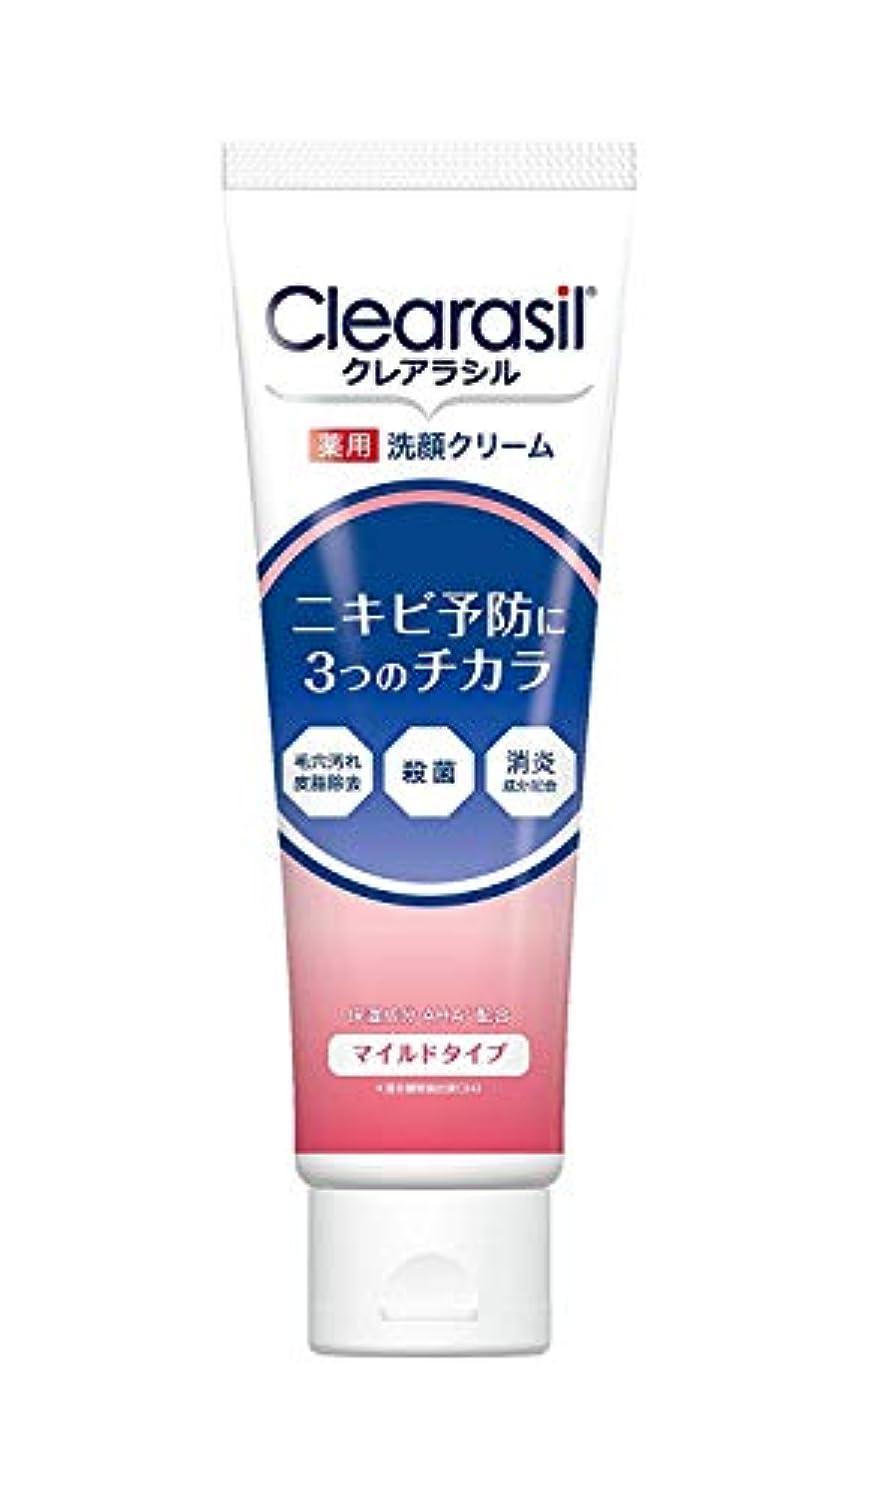 アストロラーベ苦しめる超音速クレアラシル薬用 洗顔クリーム マイルドタイプ 120g